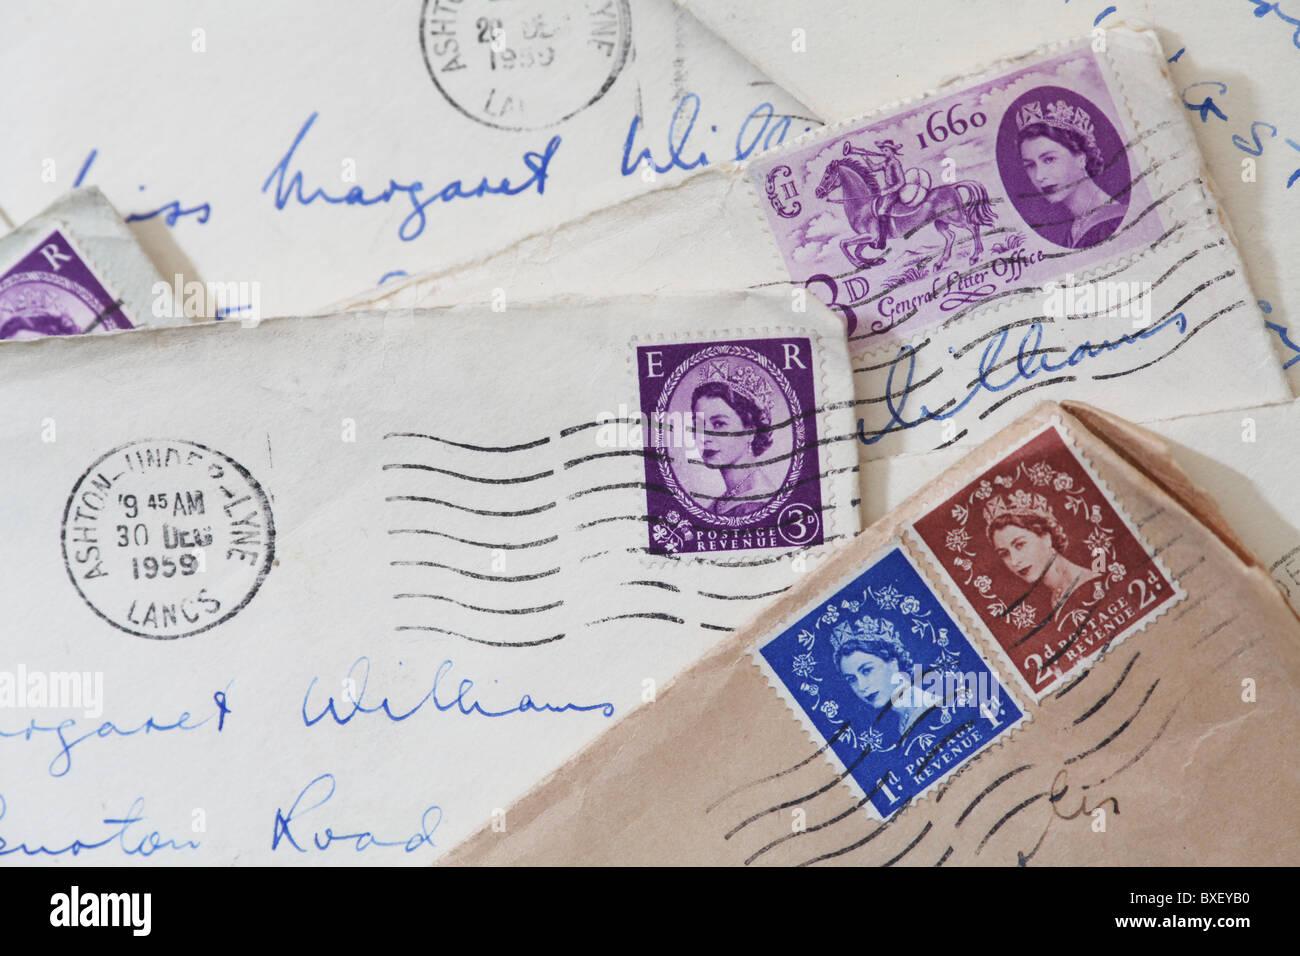 Queen Elizabeth II head on British Postal Stamps. - Stock Image